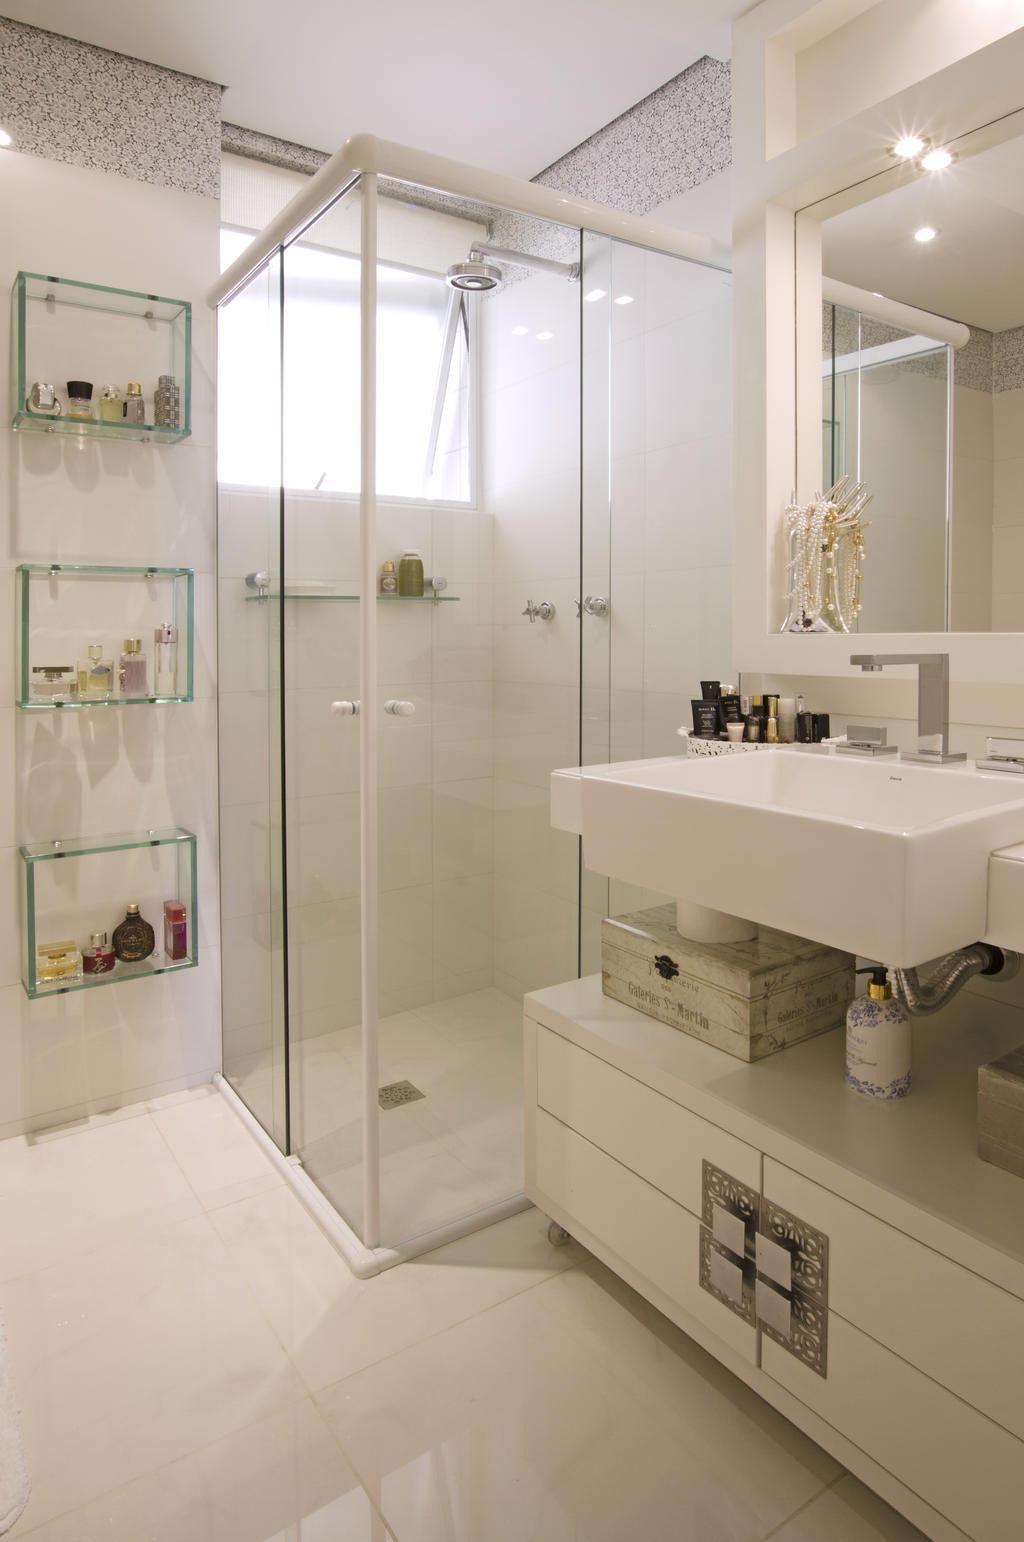 Dica Quem tem banheiro pequeno deve investir, de preferência, em um box de v -> Nicho Para Box Banheiro Pequeno